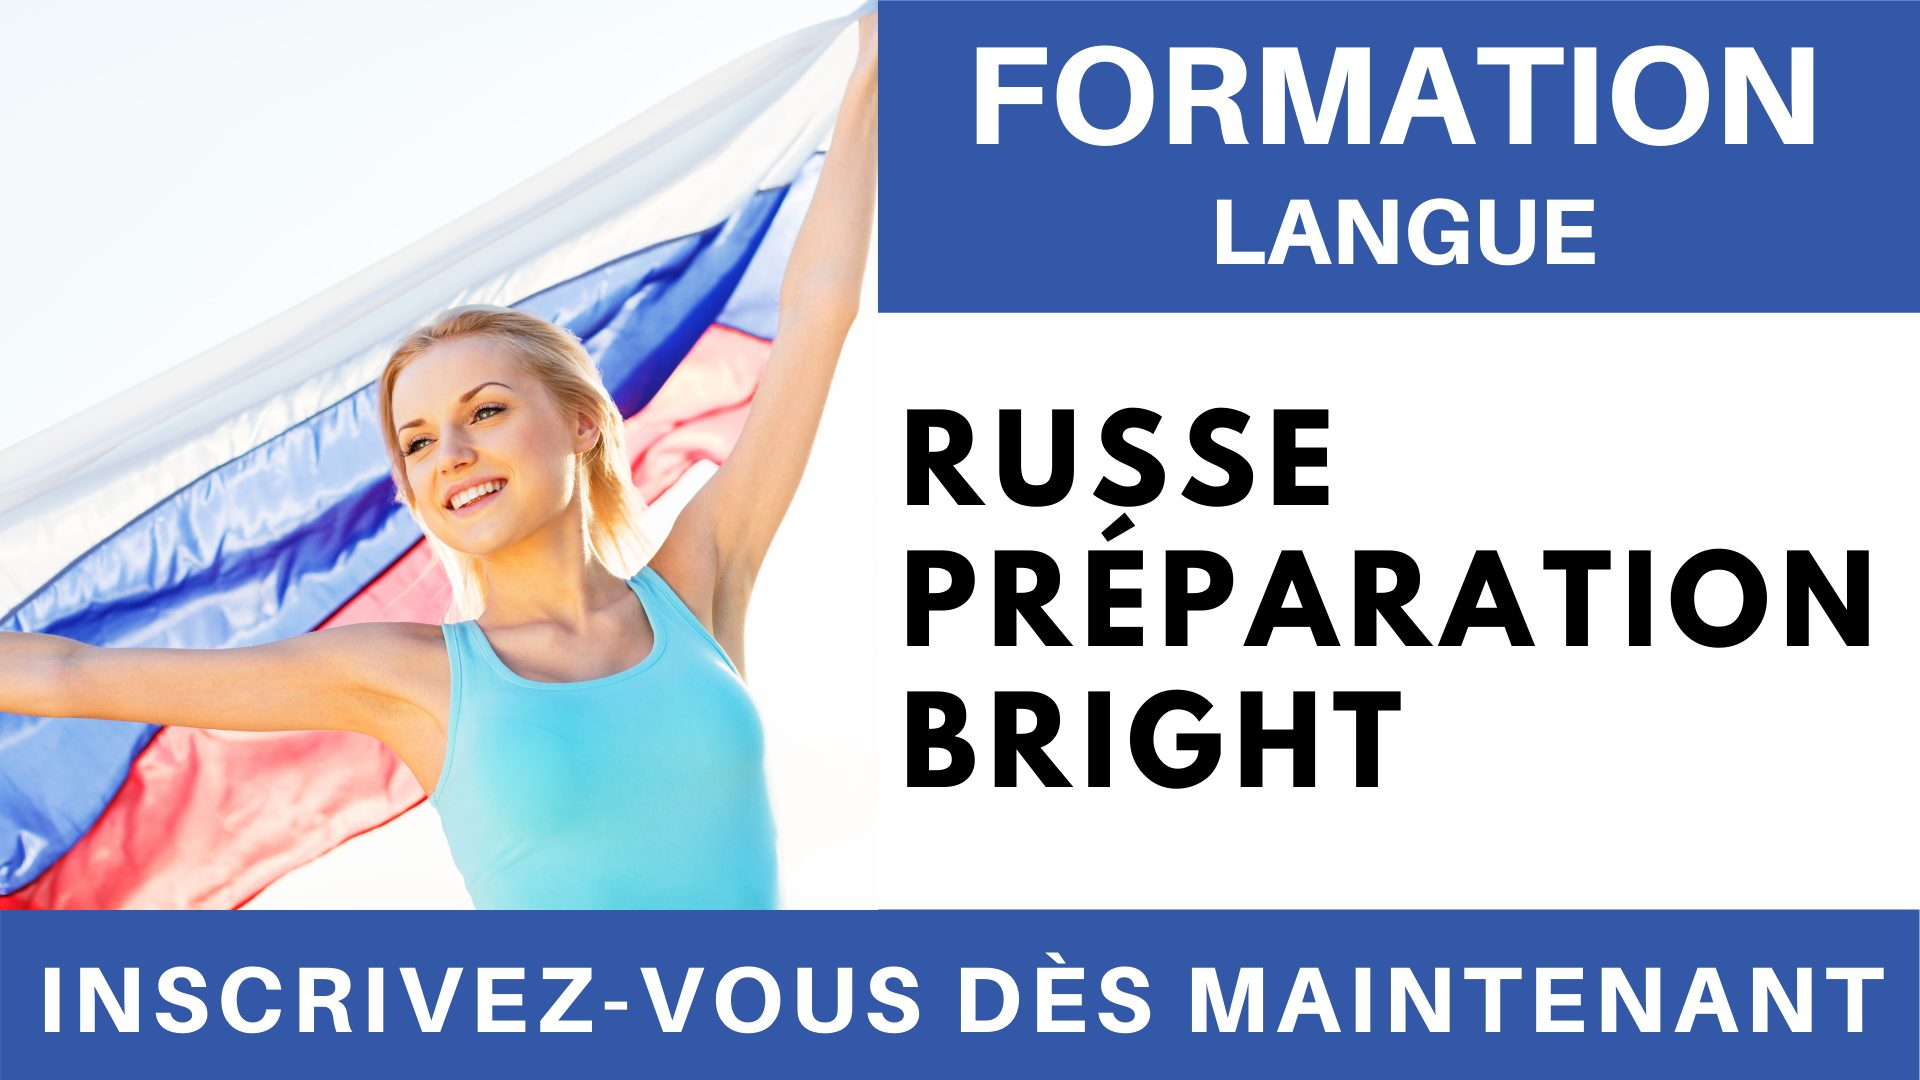 Formation Langue - Russe Préparation BRIGHT